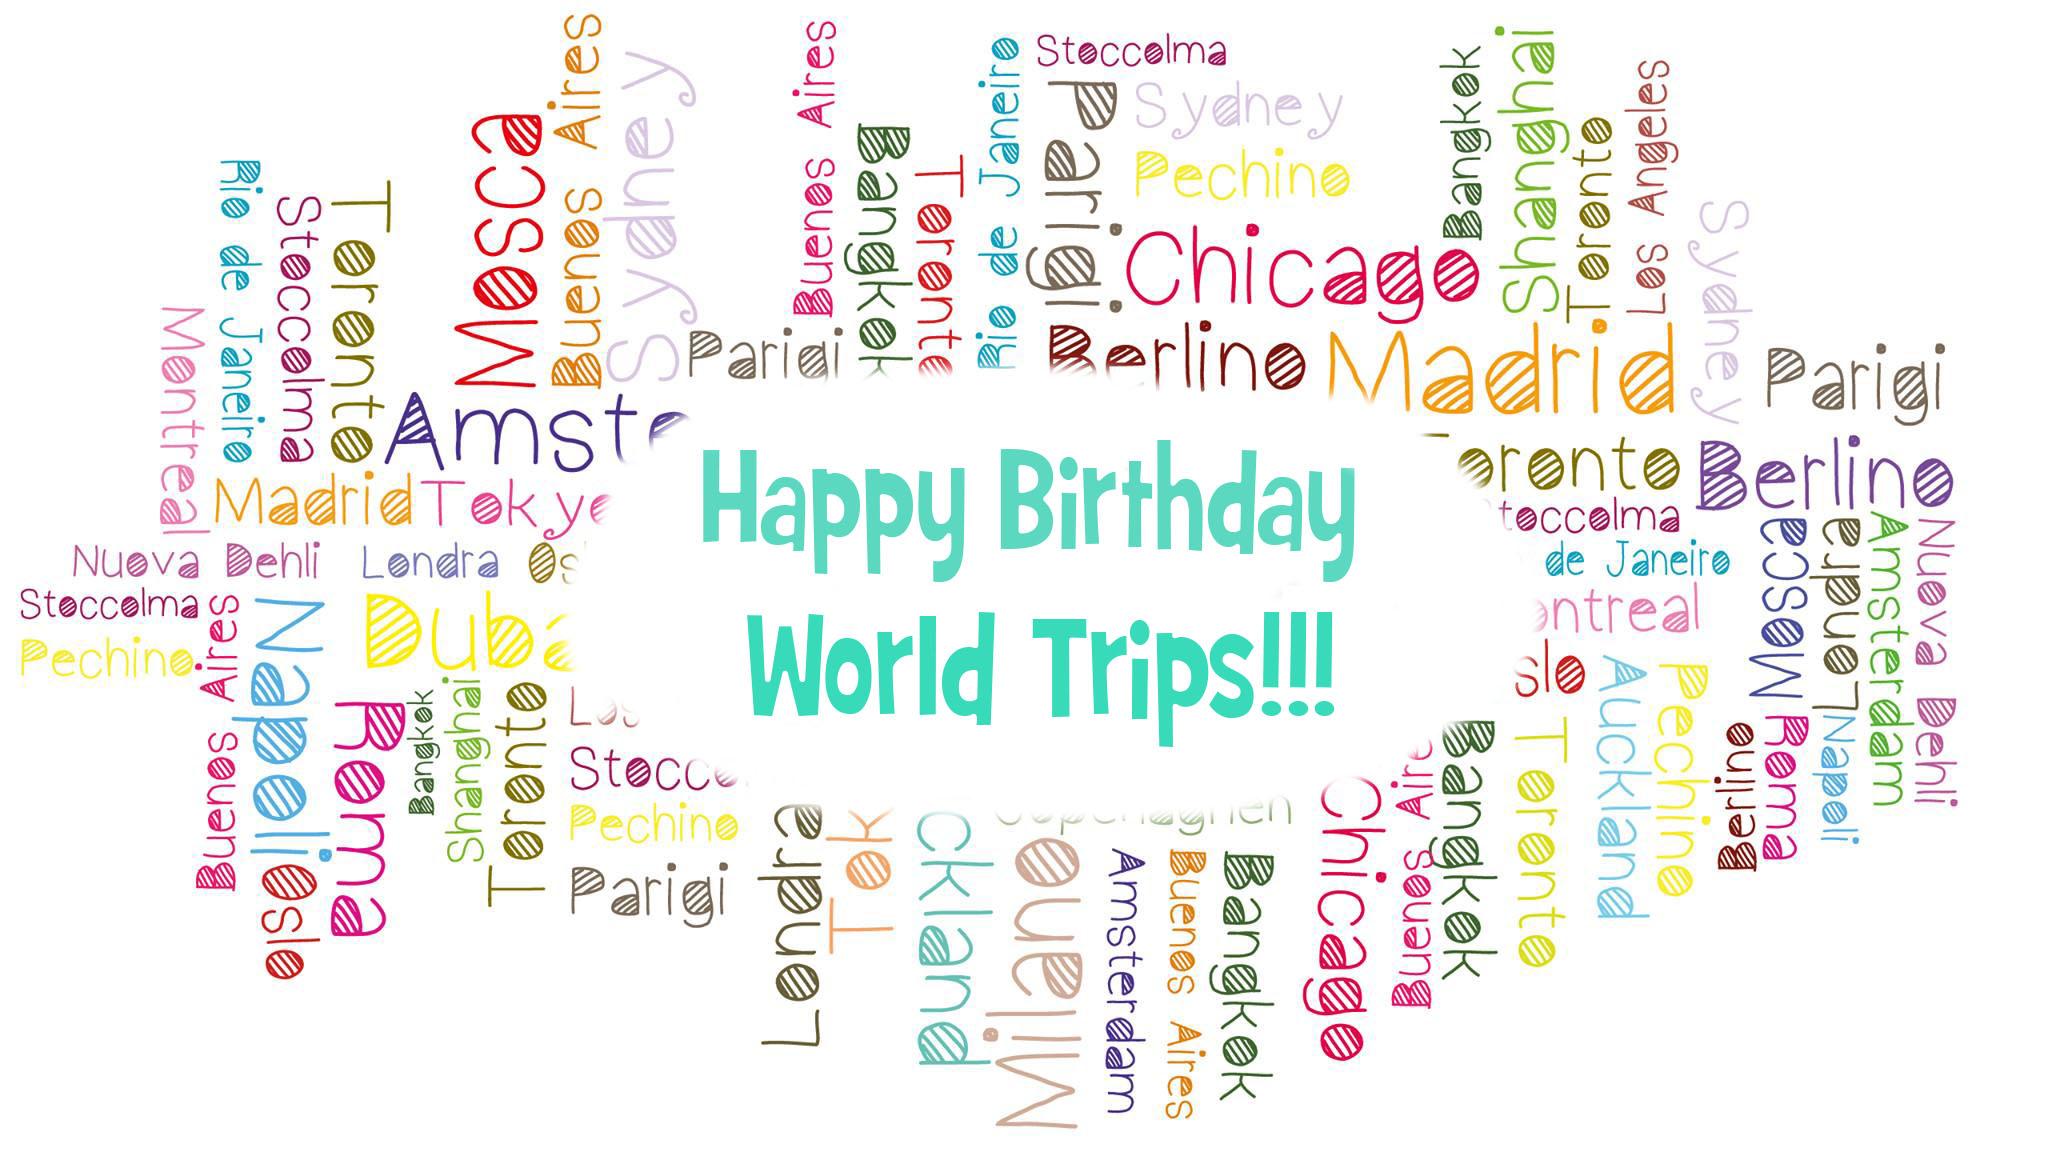 Happy Birthday World Trips! 2 anni insieme, grazie a voi!!!